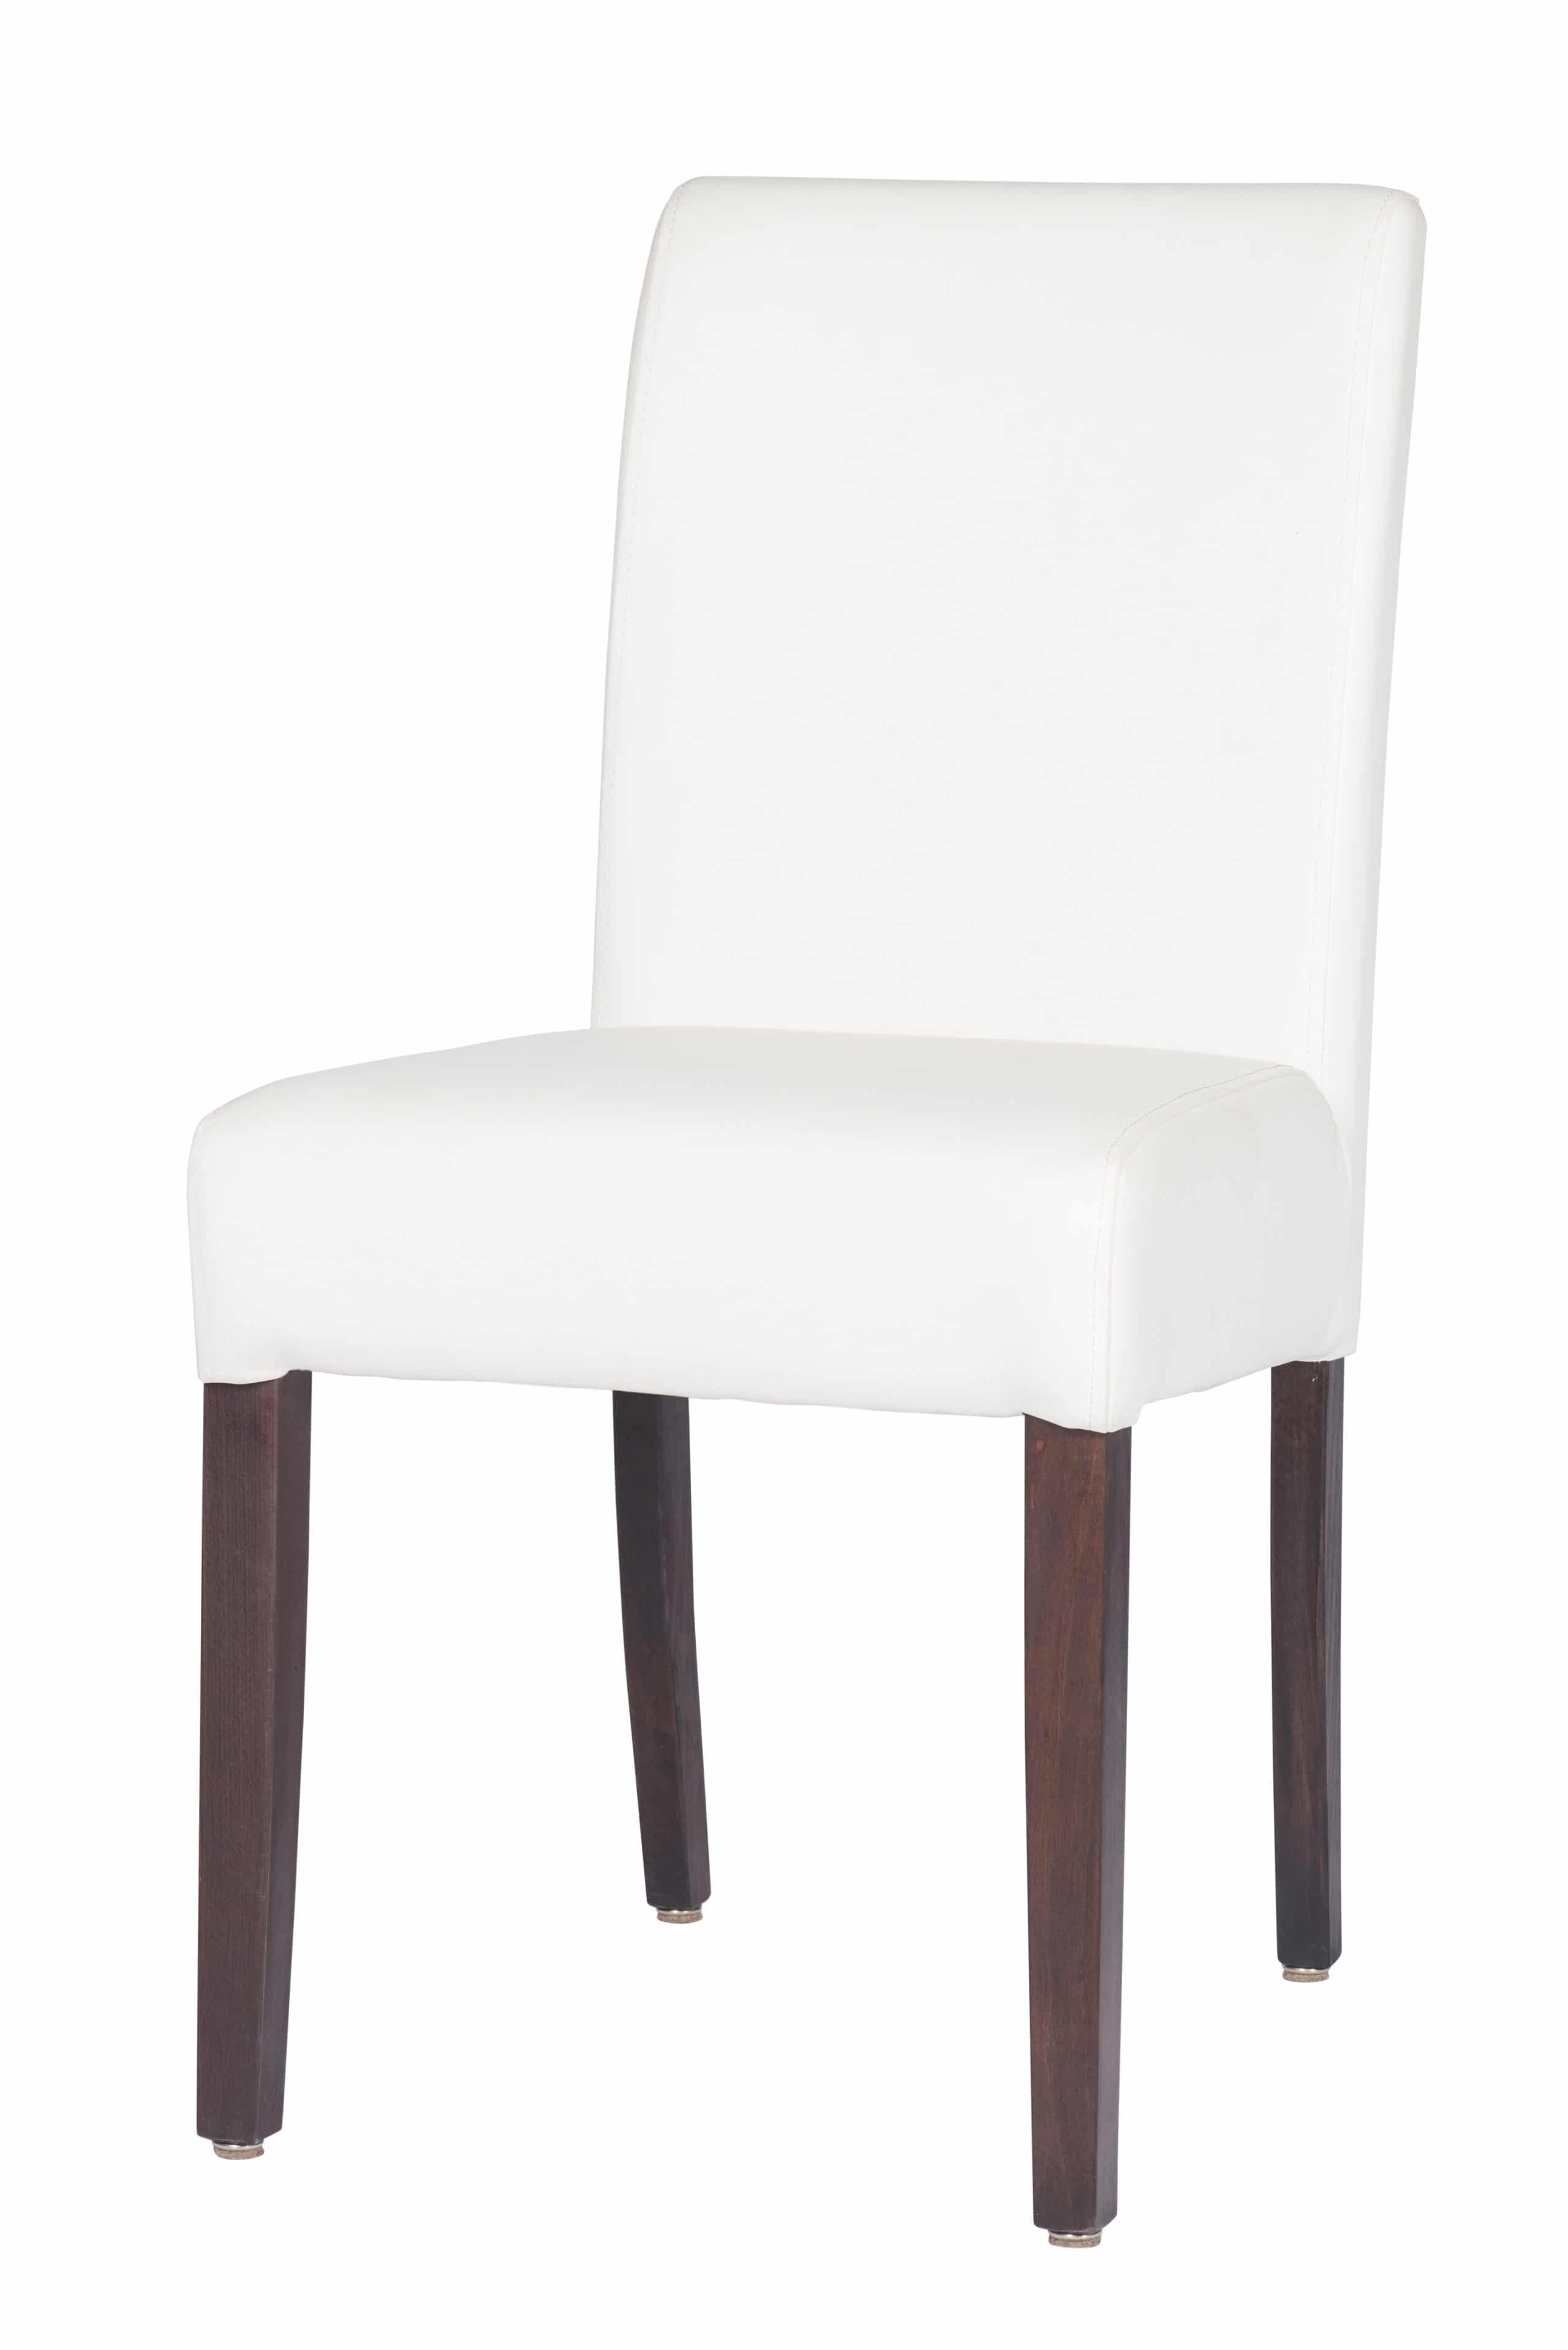 De stoel Bora Bronco heeft een beukenhouten frame.